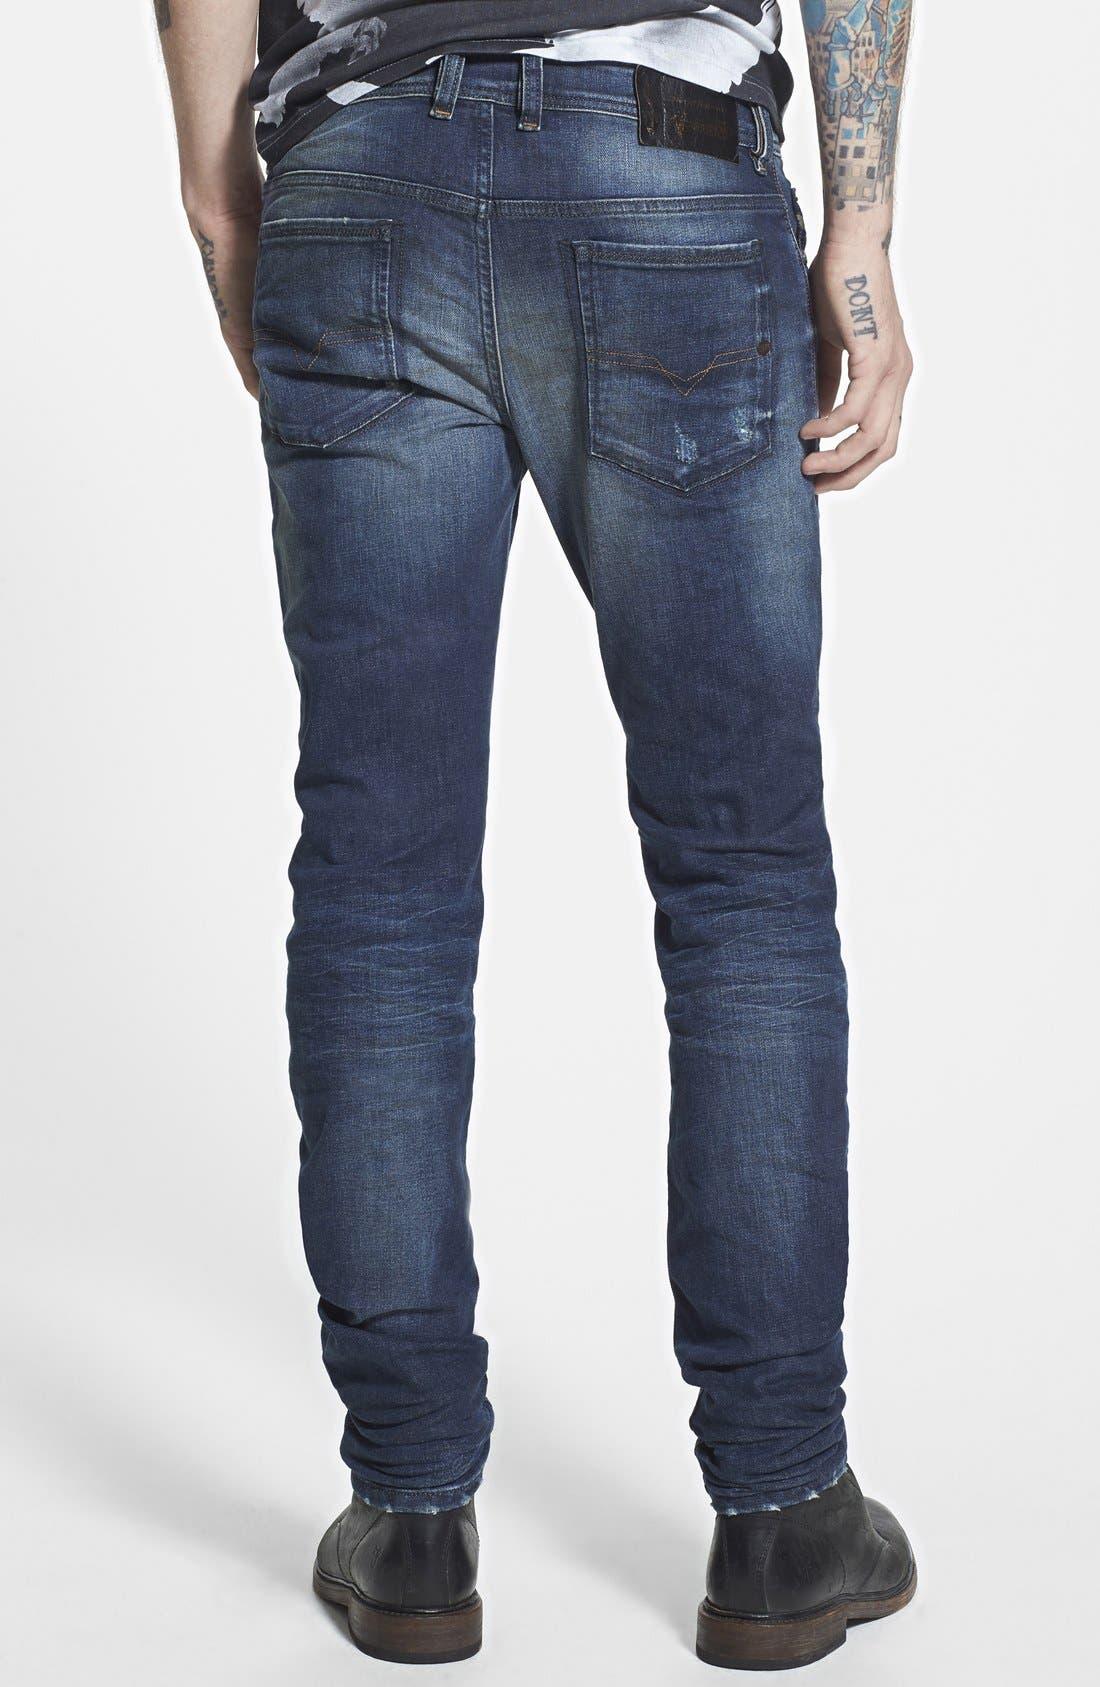 'Sleenker' Skinny Fit Jeans,                             Alternate thumbnail 2, color,                             499